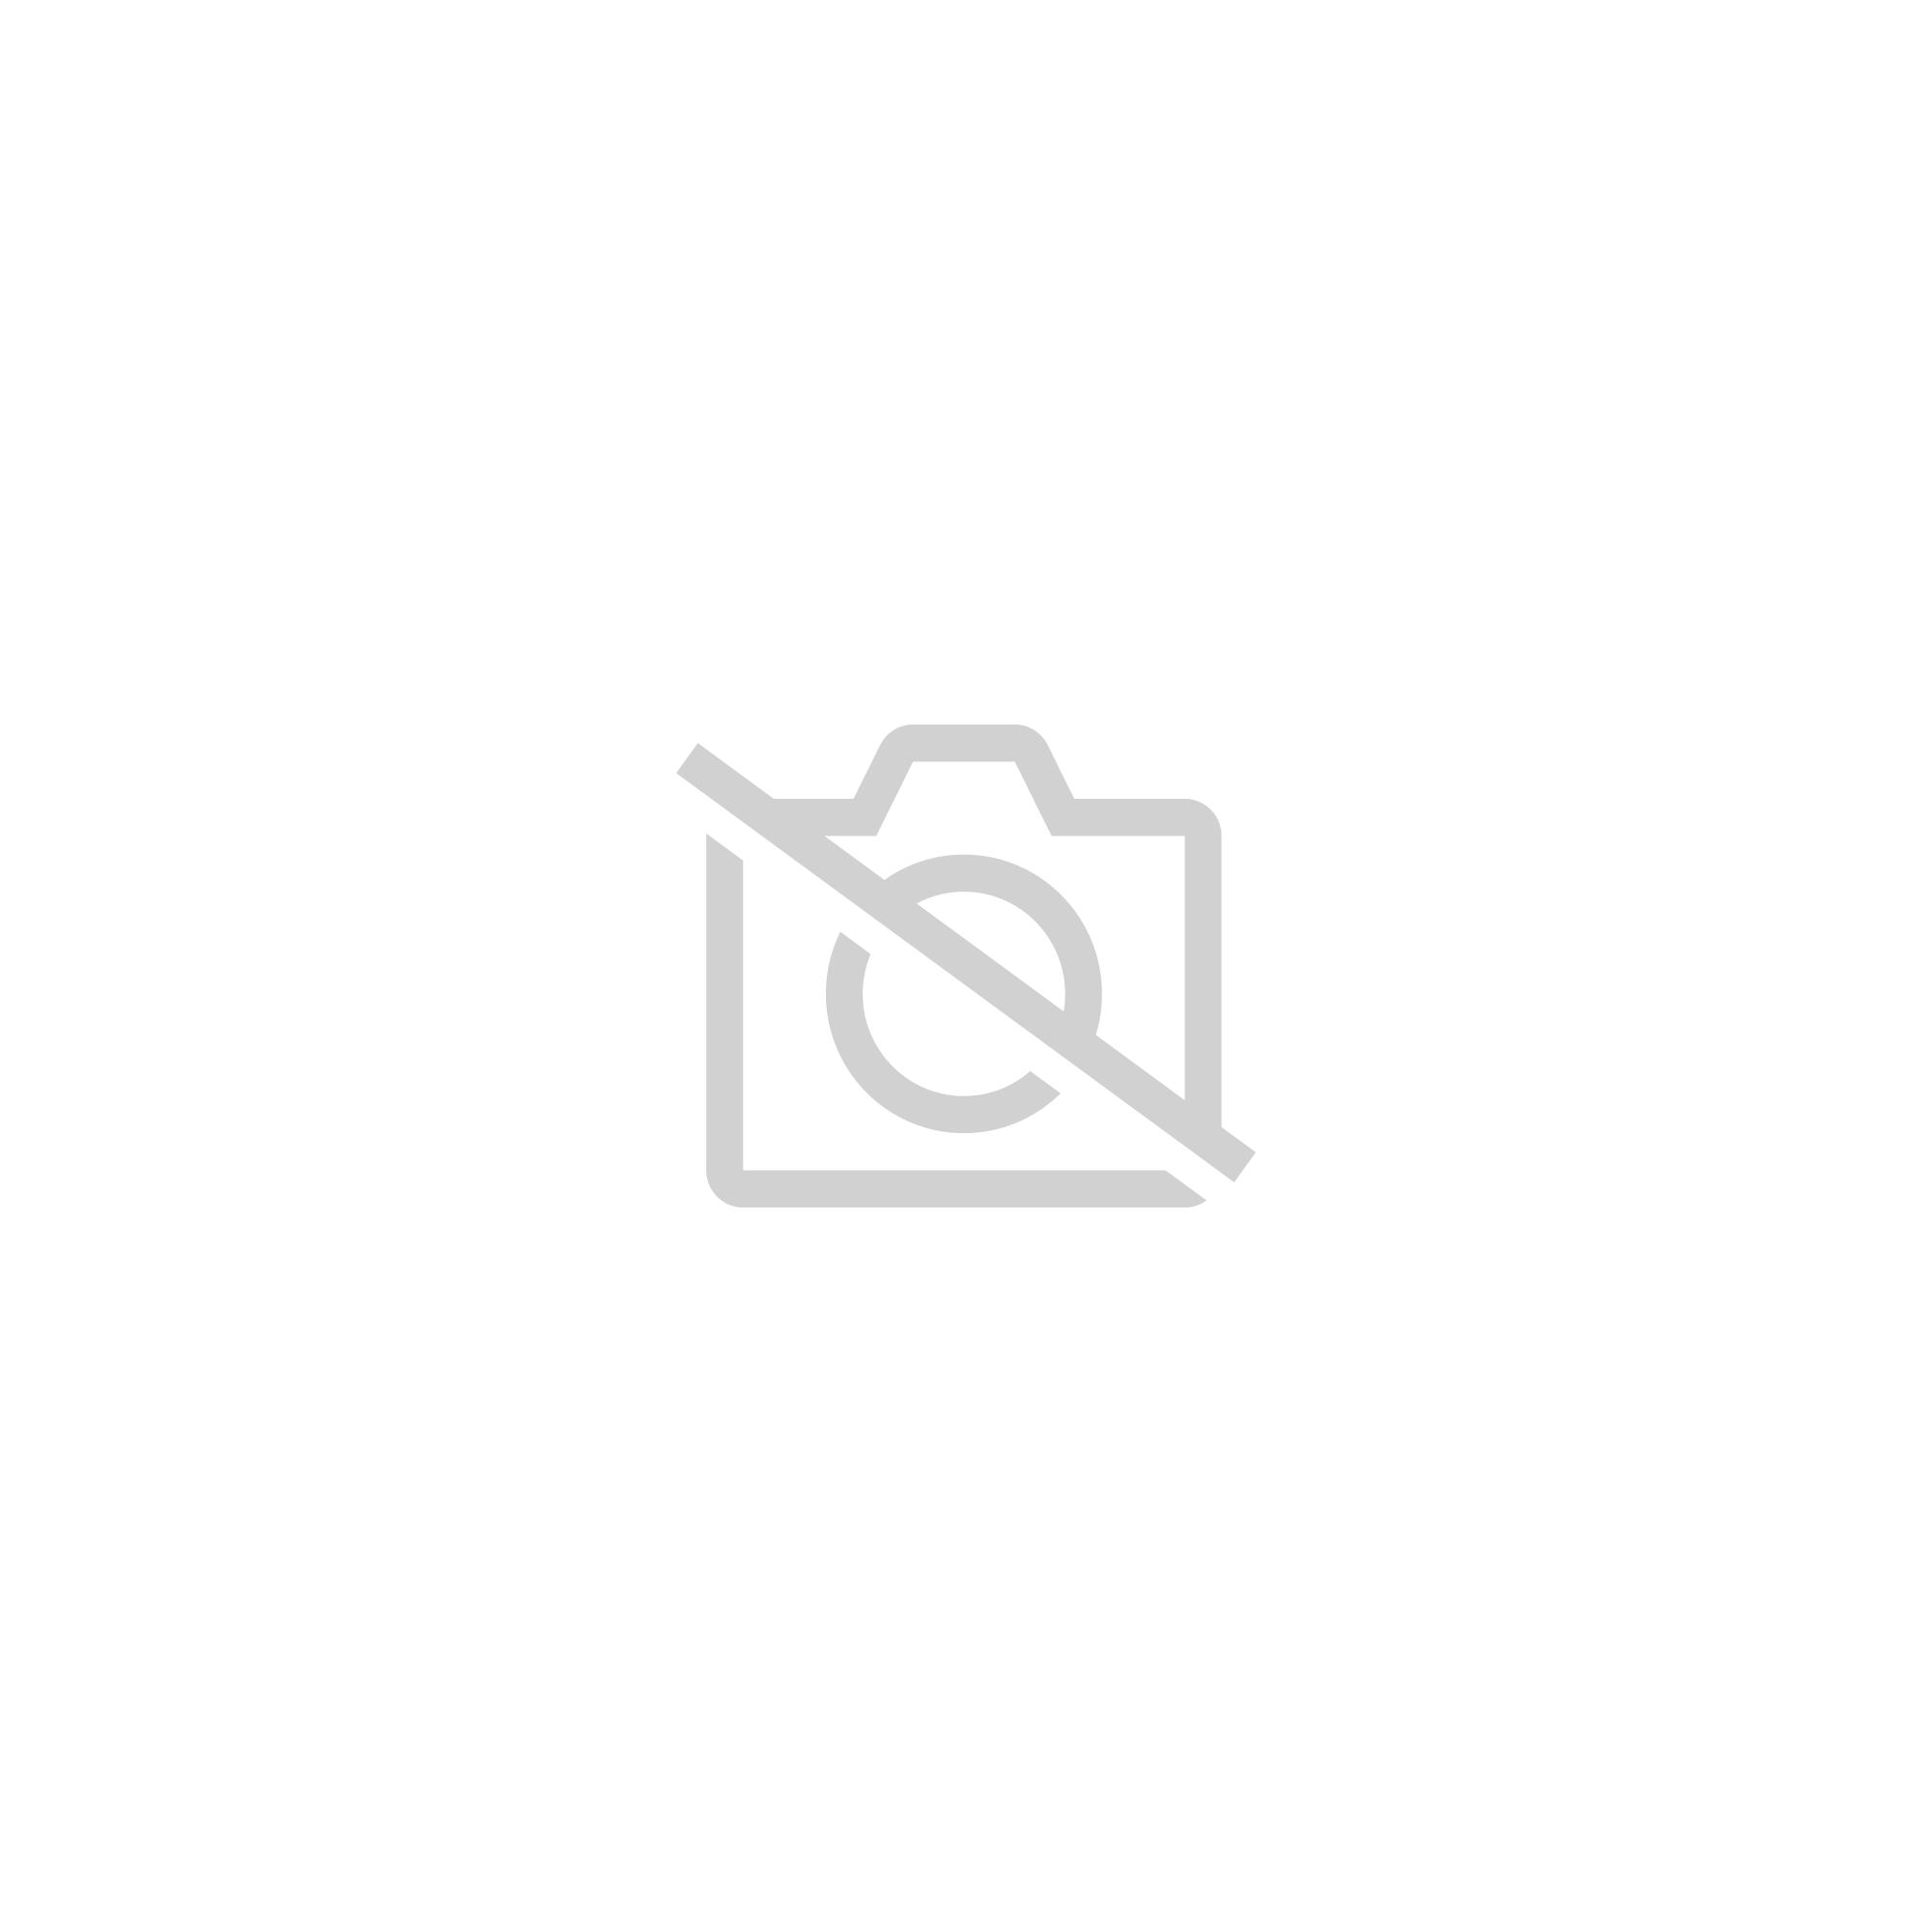 Brise Vue renforc/é 1 x 5 m Vert 220 GR//m/² Luxe Pro Probache